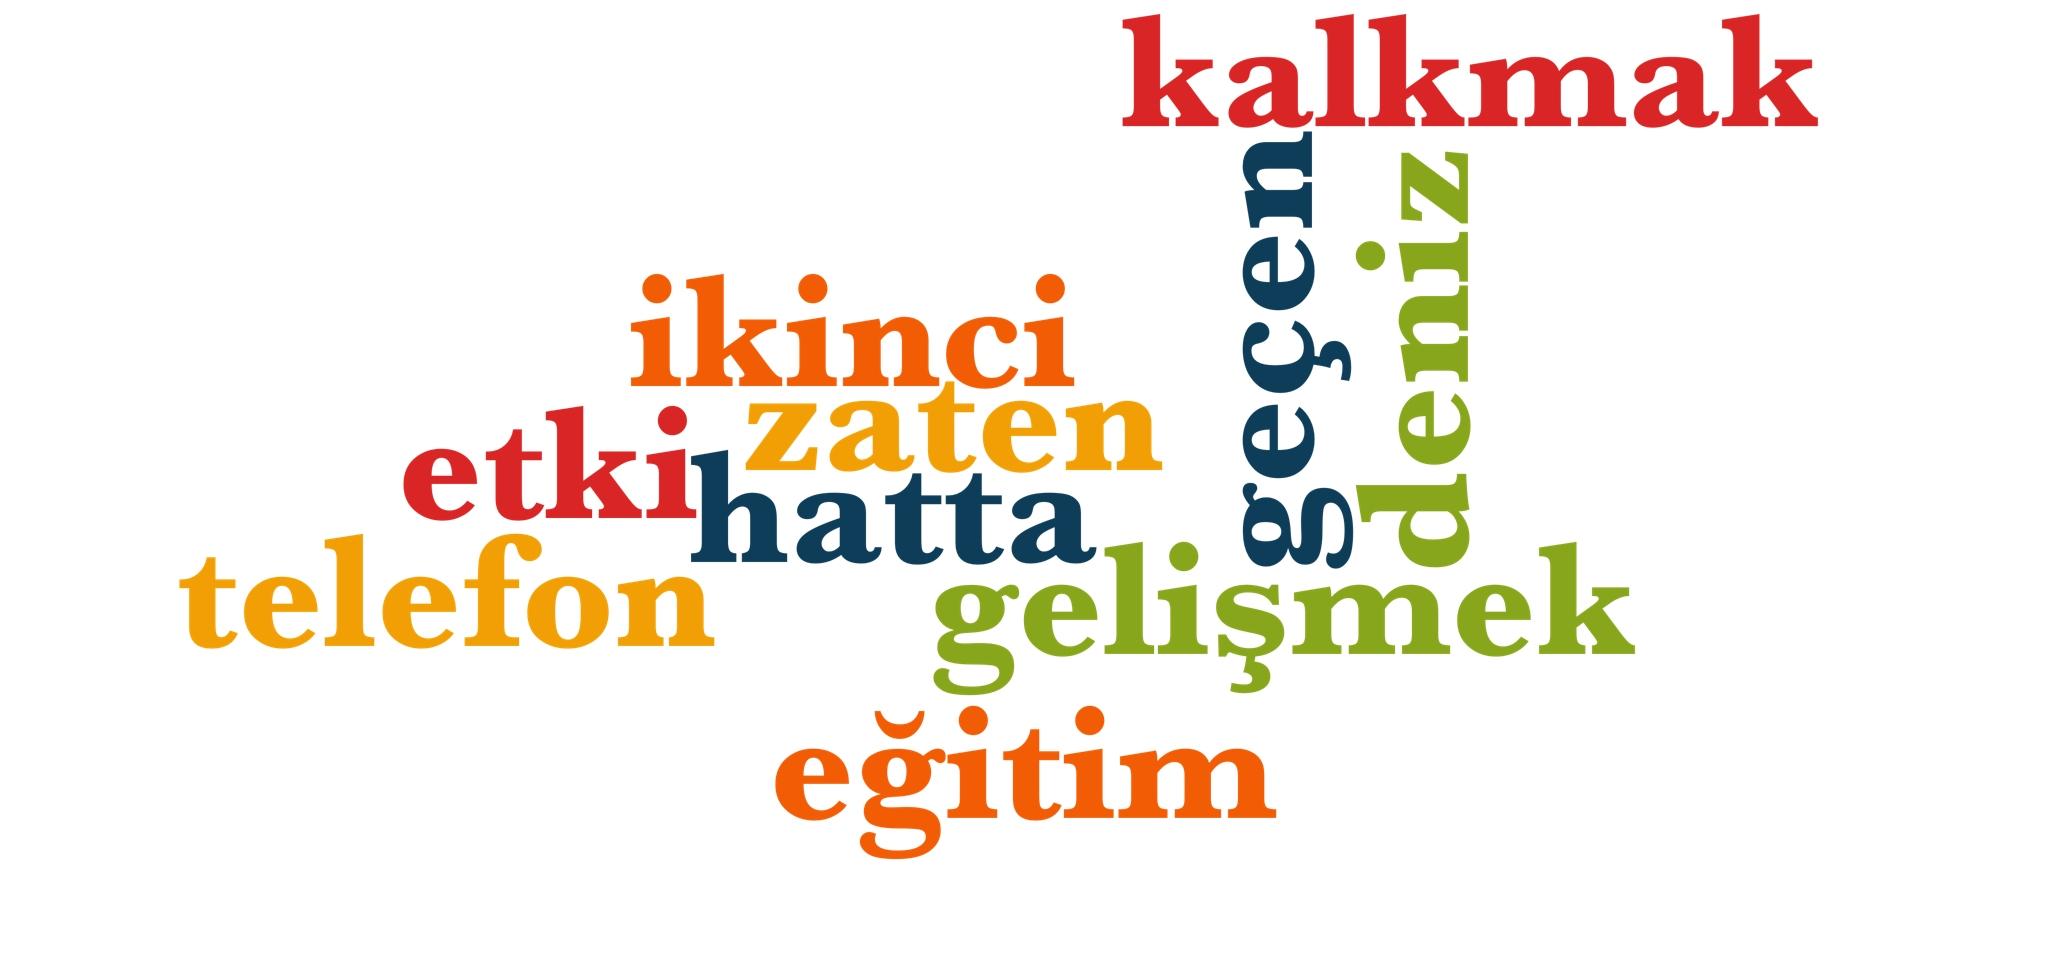 Wörter 291 bis 300 der 1000 häufigsten Wörter der türkischen Sprache